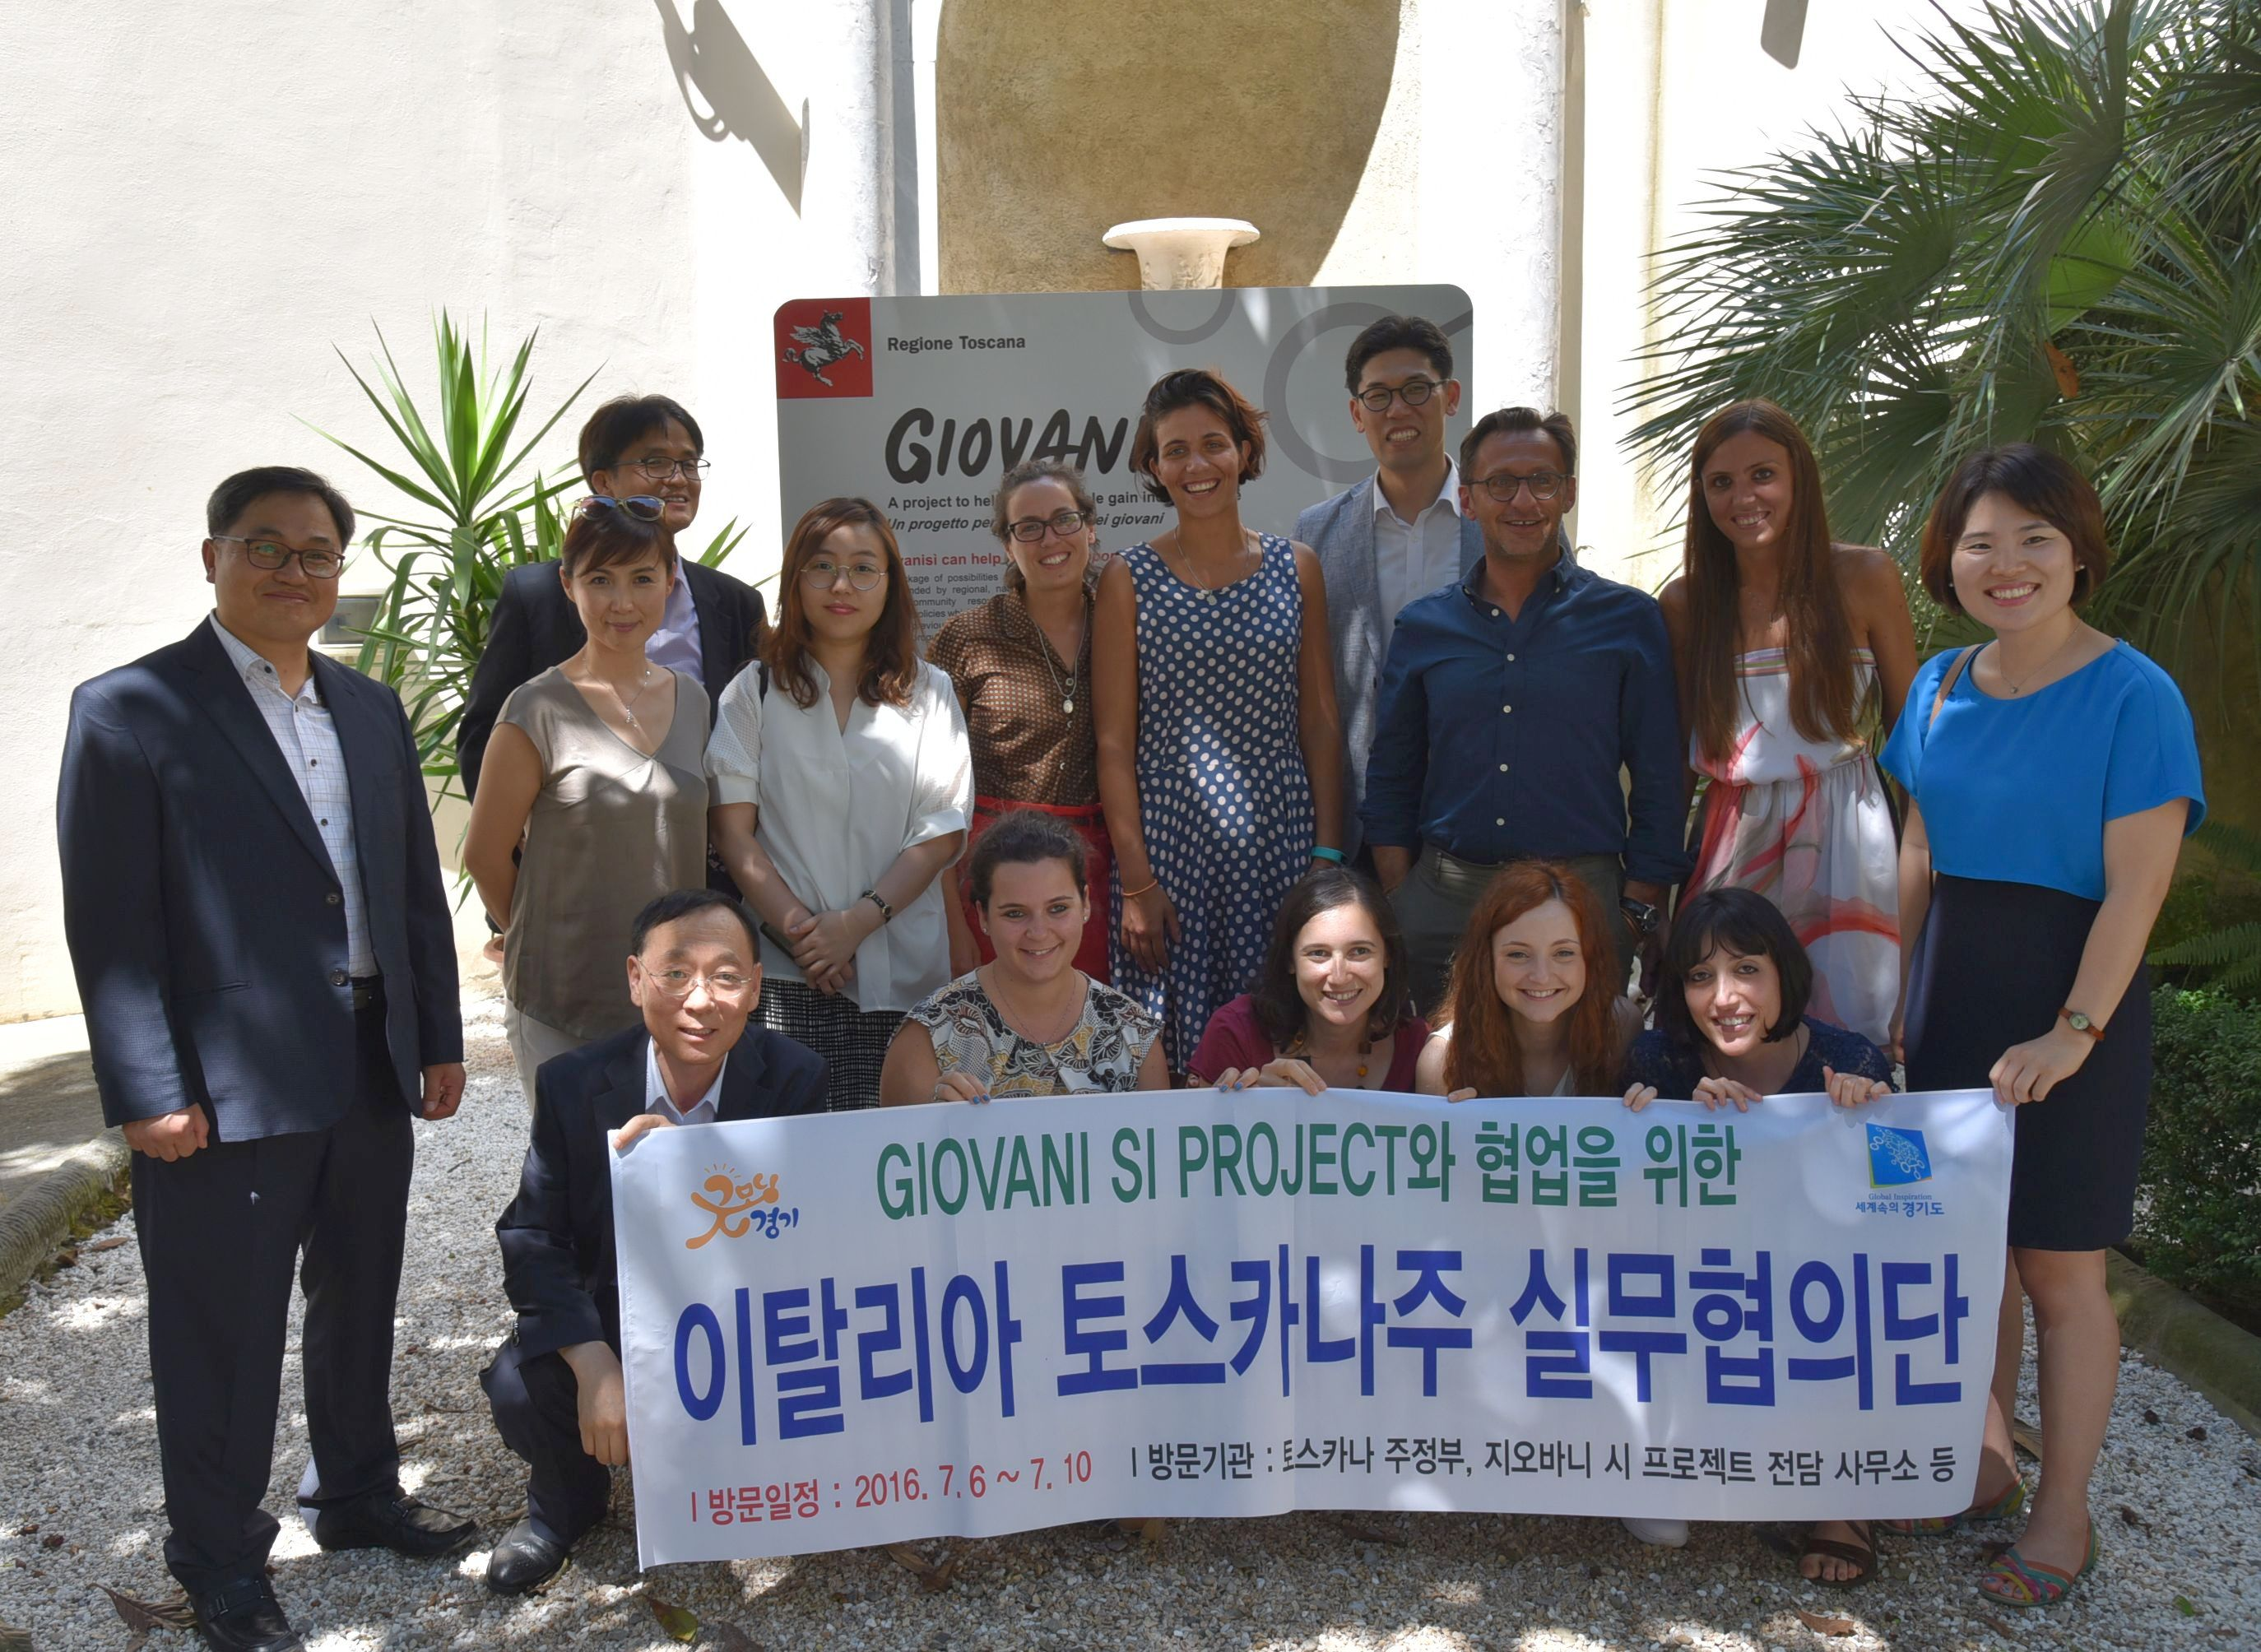 Delegazione coreana in Regione per studiare il progetto Giovanisì <div class='giovanisi-subtitle'>Due giorni di incontri per approfondire le buone prassi del progetto della Regione Toscana per l&#039;autonomia dei giovani </div>